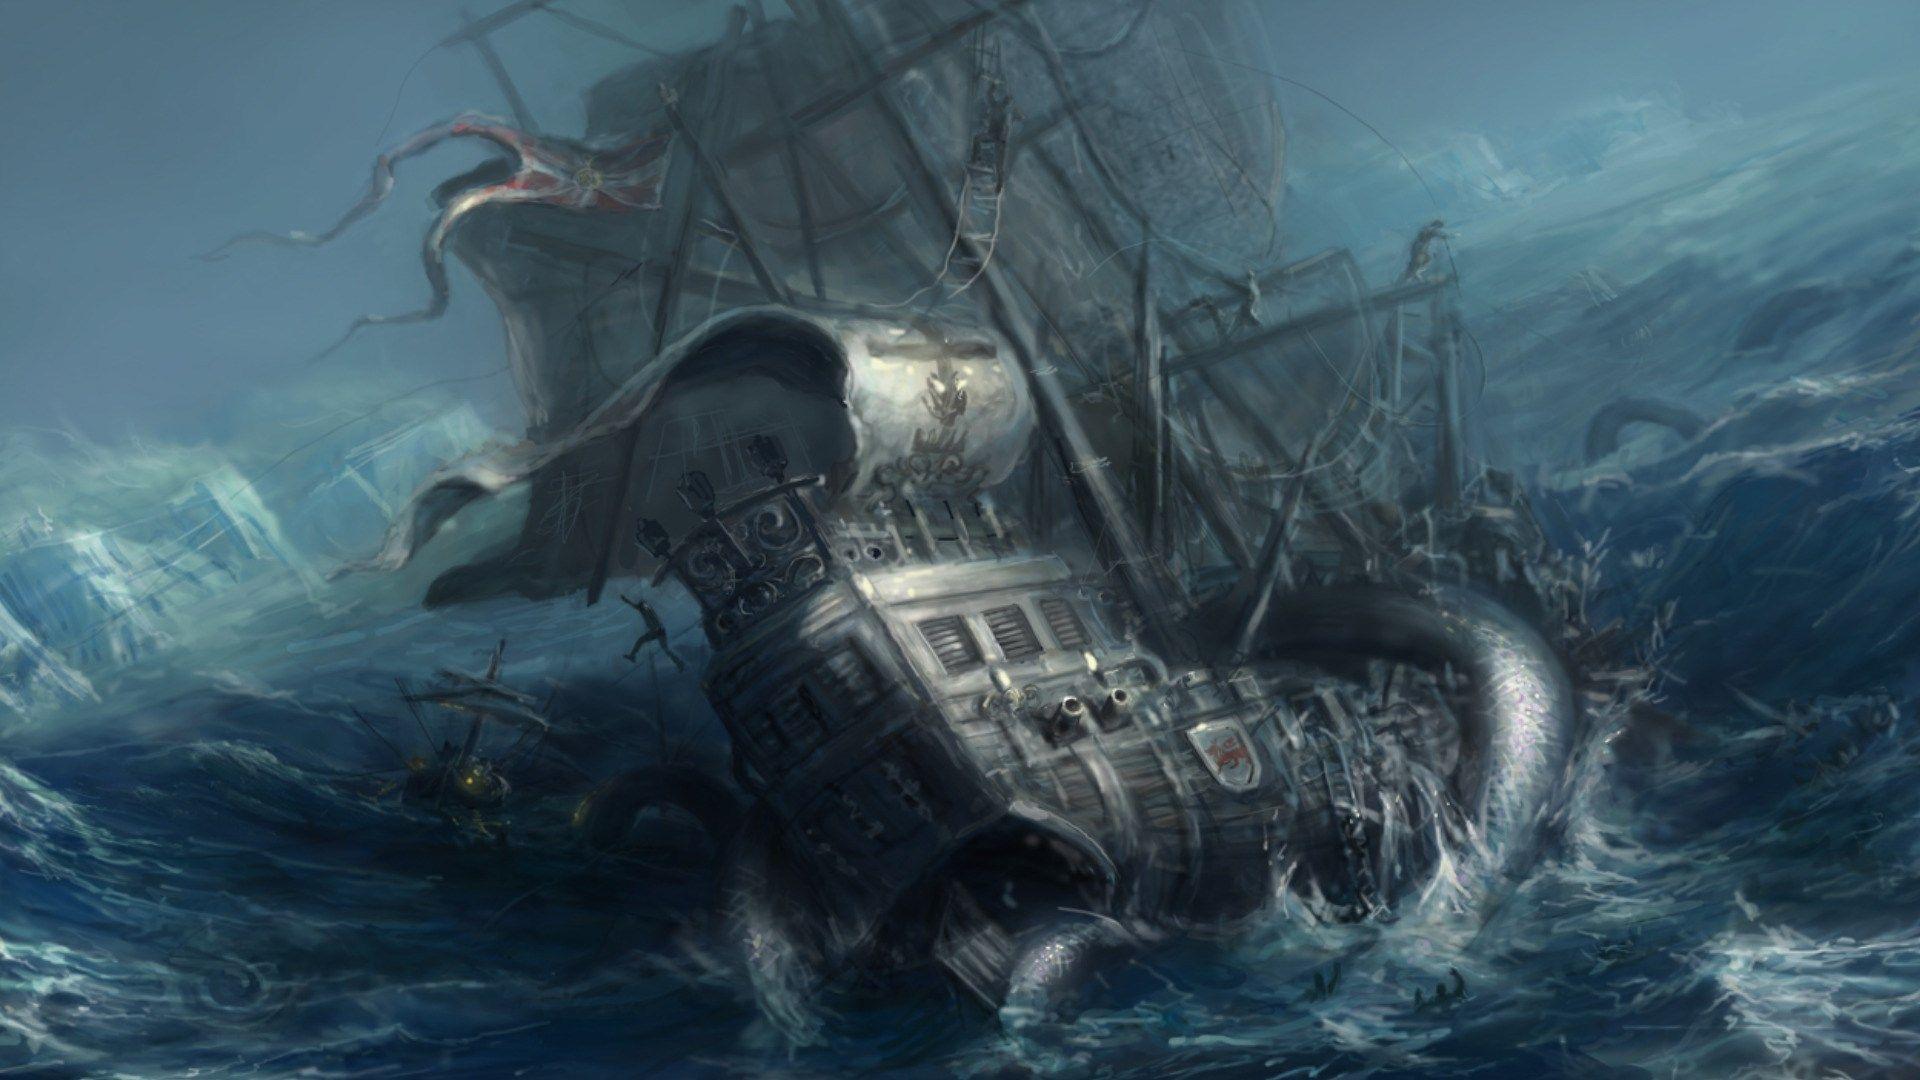 Kraken Wallpaper Pictures Free Kraken Category Sea Monsters Concept Art World Kraken